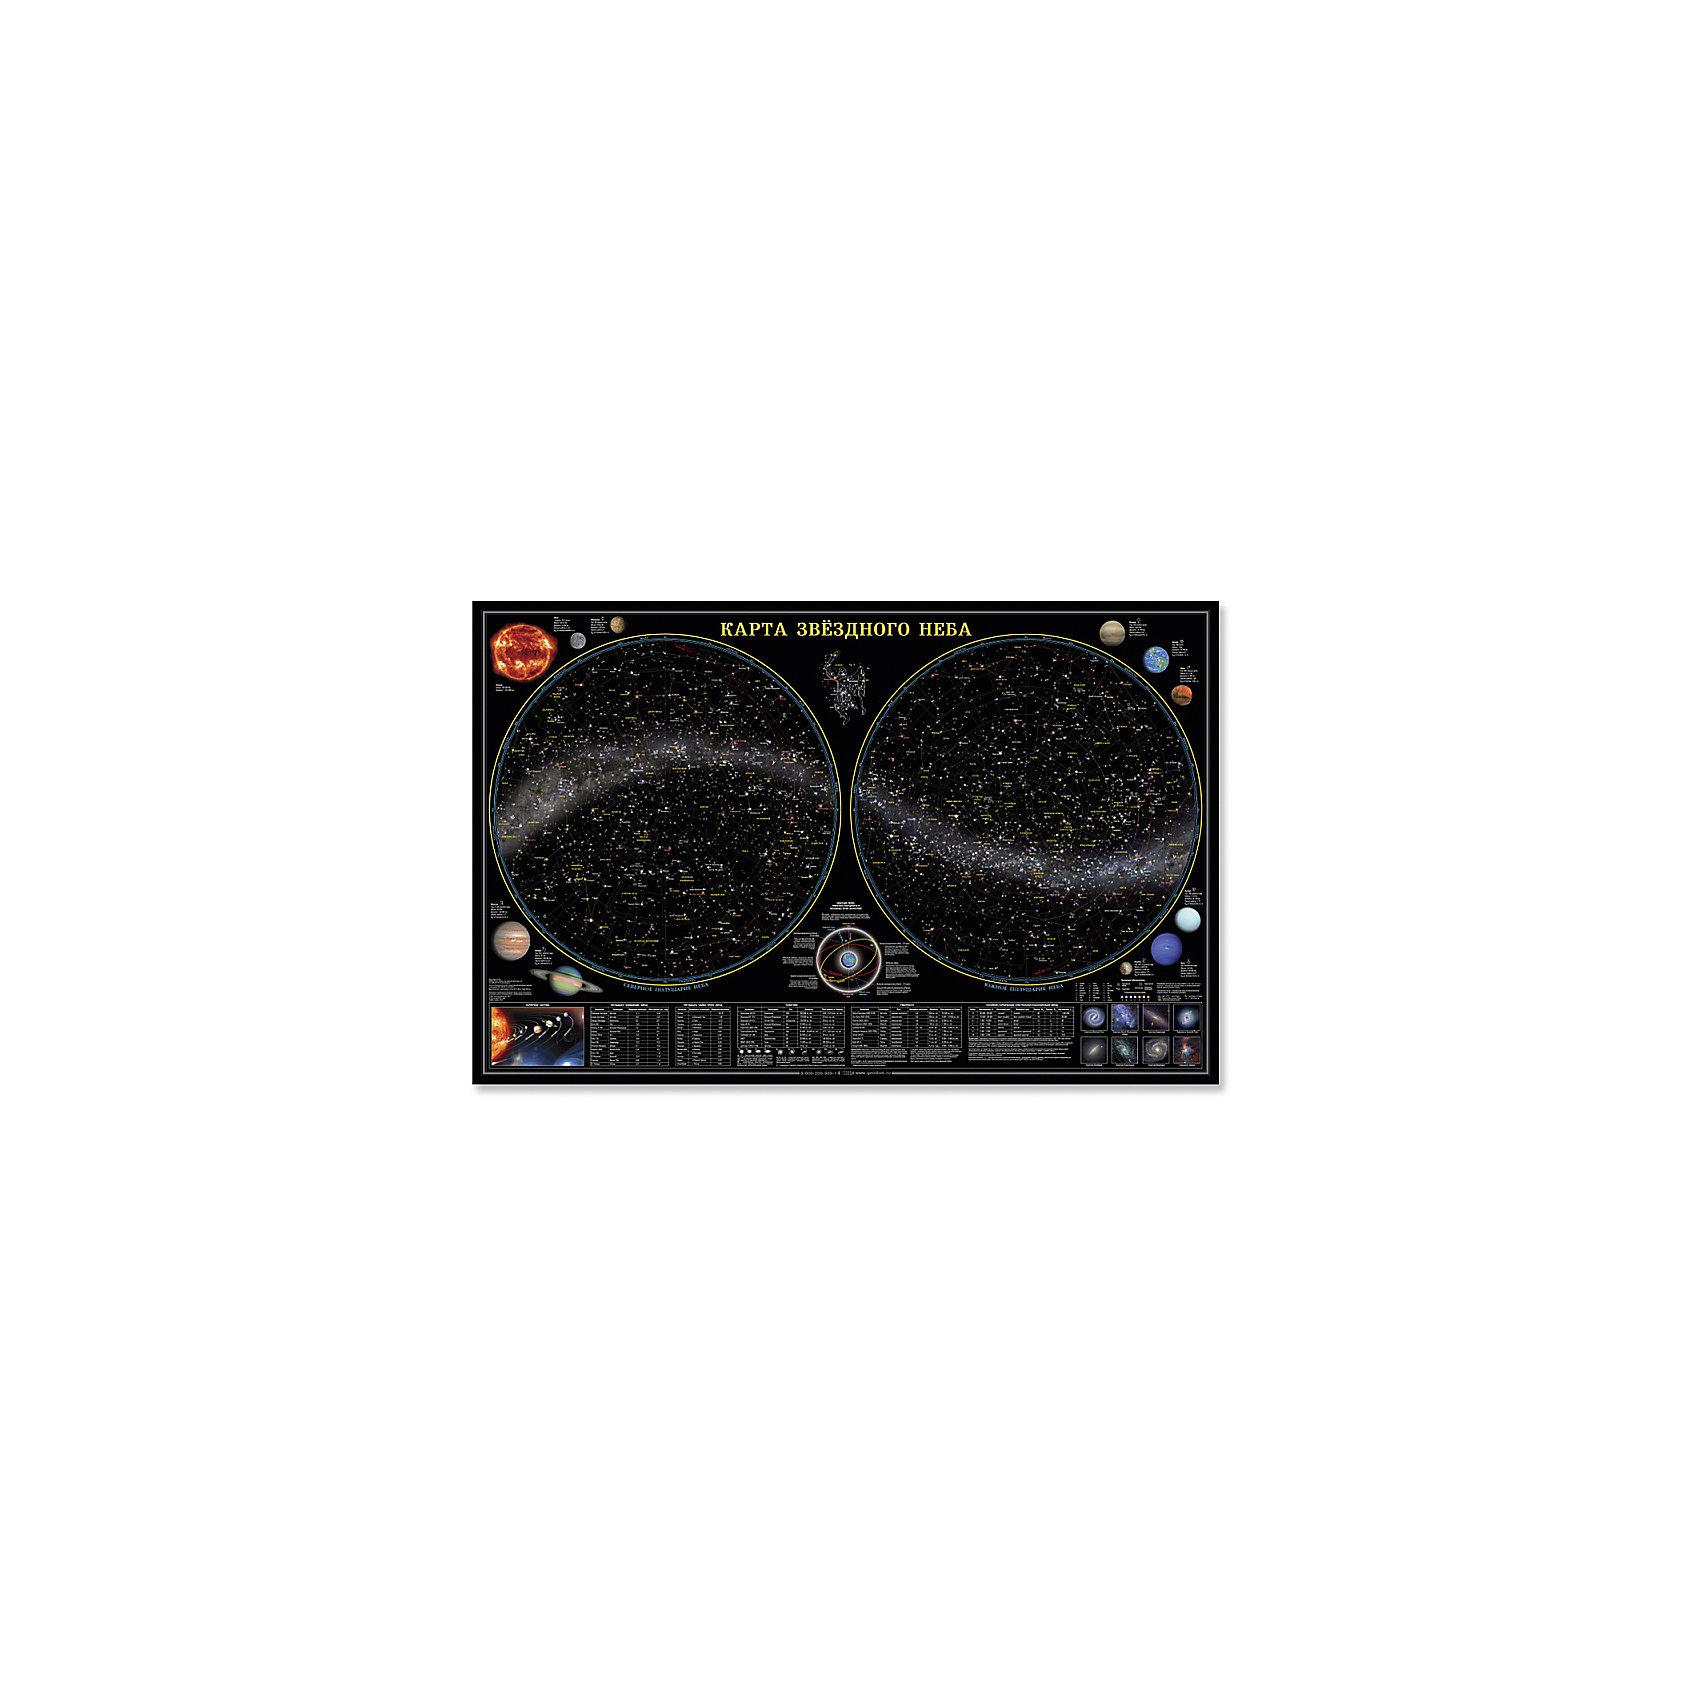 Настенная карта Звездное небо, планеты 124*80 см, ламинированнаяАтласы и карты<br>Характеристики товара:<br><br>• материал: ламинированная бумага<br>• размер карты: 124х80 см<br>• возраст: от 3 лет<br>• габариты упаковки: 124х80х0,1 см<br>• вес: 150 г<br>• страна производитель: Россия<br><br>Космос – завораживающая и многими любимая тема. Звездная карта отлично впишется в детскую комнату. Модель не только украсит стены, выполняя декоративную функцию, но и даст вашему ребенку новые знания о солнечной системе. На карте представлена основная информация о космосе, написанная доступным для ребенка языком. Материалы, использованные при изготовлении товаров, проходят проверку на качество и соответствие международным требованиям по безопасности.<br><br>Настенную карту Звездное небо, планеты 124*80 см, ламинированную можно купить в нашем интернет-магазине.<br><br>Ширина мм: 1240<br>Глубина мм: 800<br>Высота мм: 1<br>Вес г: 150<br>Возраст от месяцев: 36<br>Возраст до месяцев: 2147483647<br>Пол: Унисекс<br>Возраст: Детский<br>SKU: 5422943